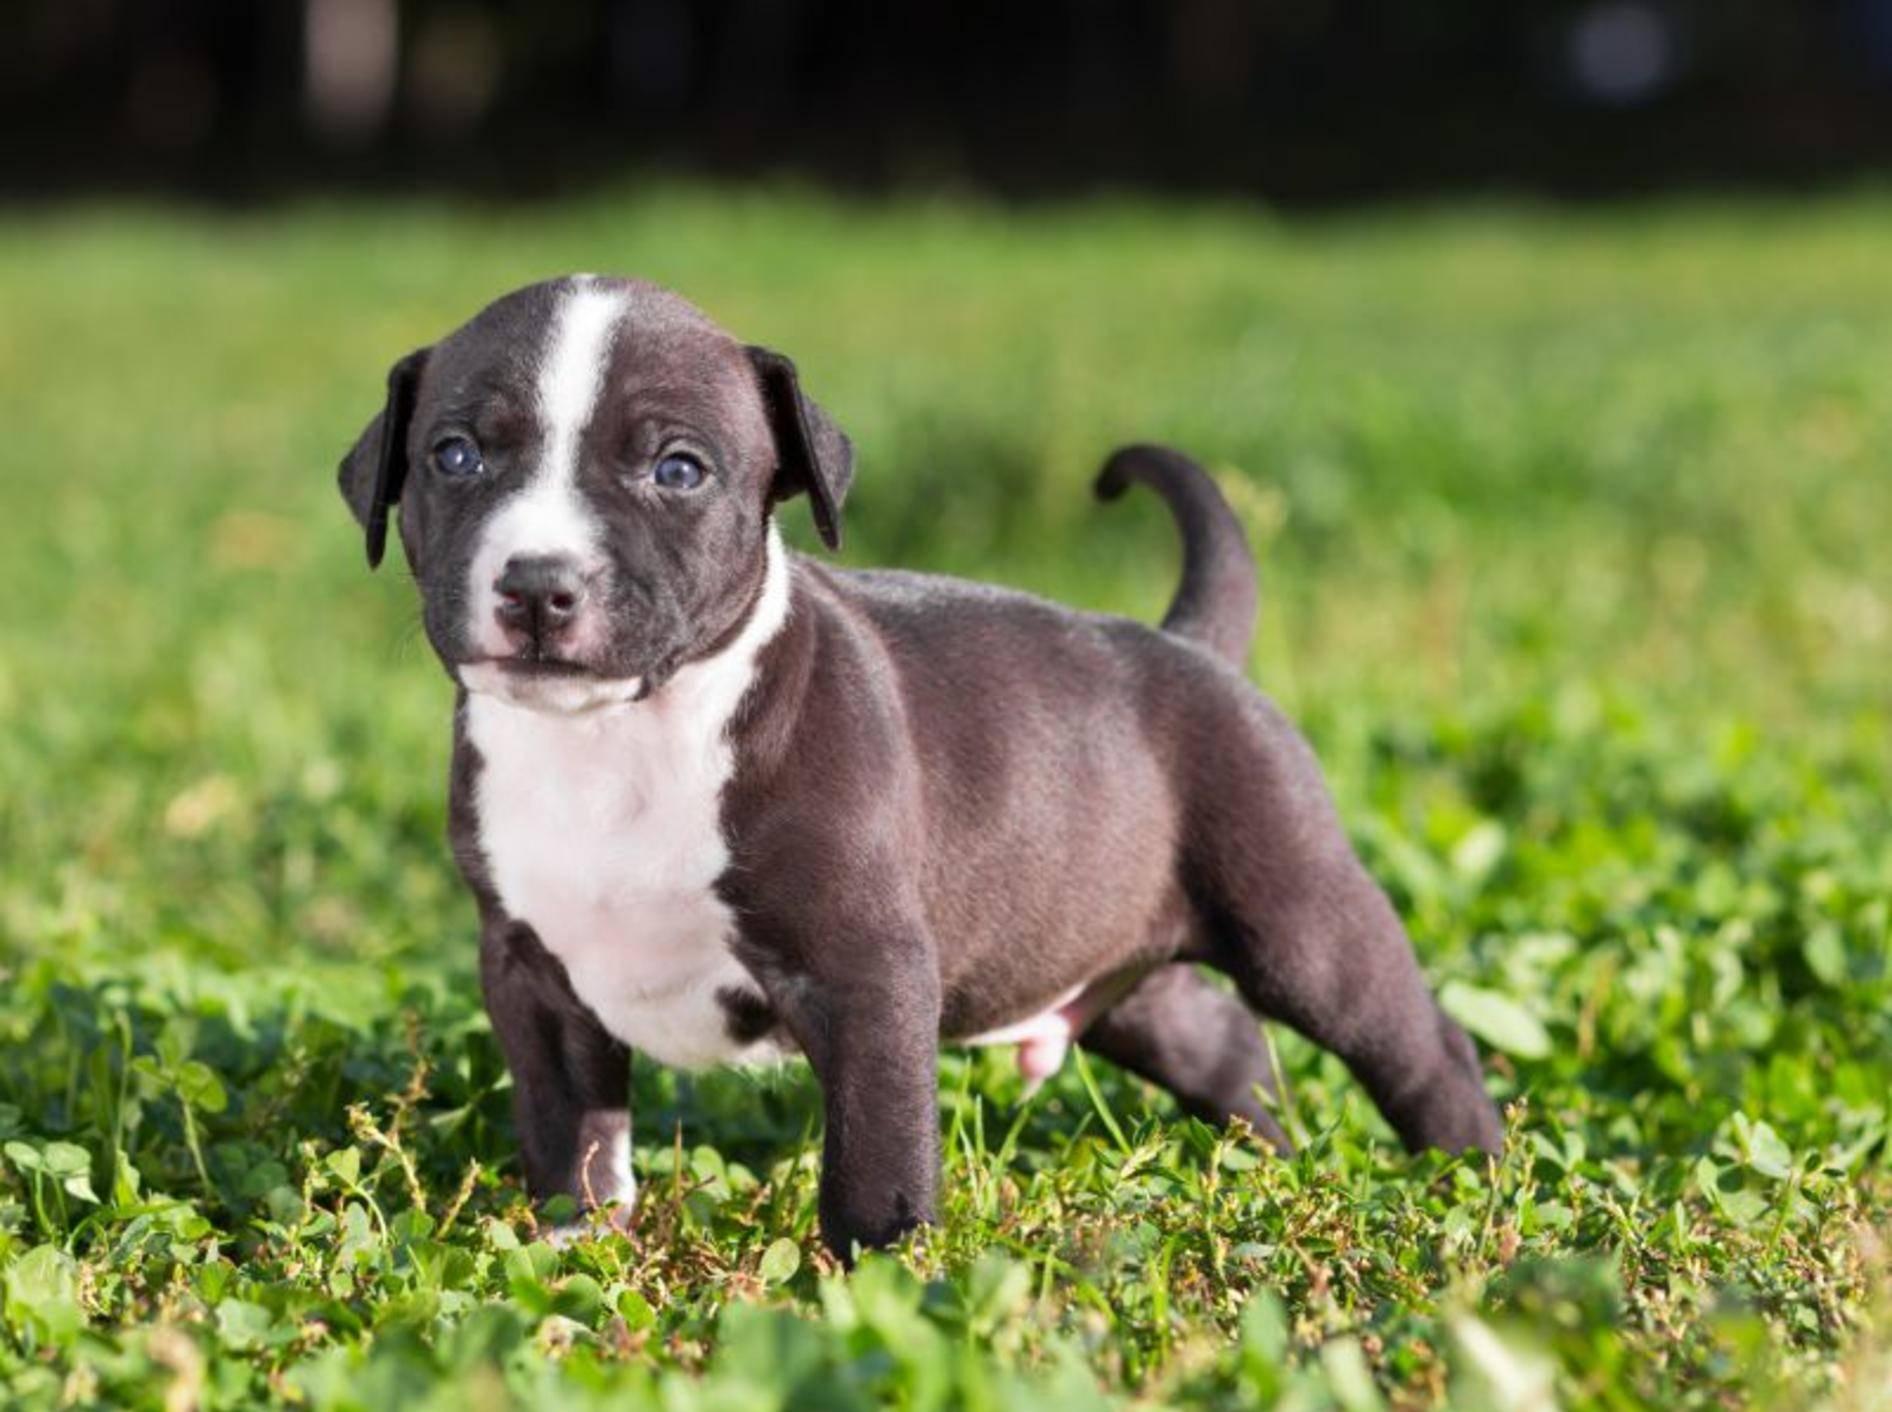 Erziehung des American Staffordshire Terrier: Los geht's im Welpenalter – Bild: Shutterstock / Sergey Lavrentev